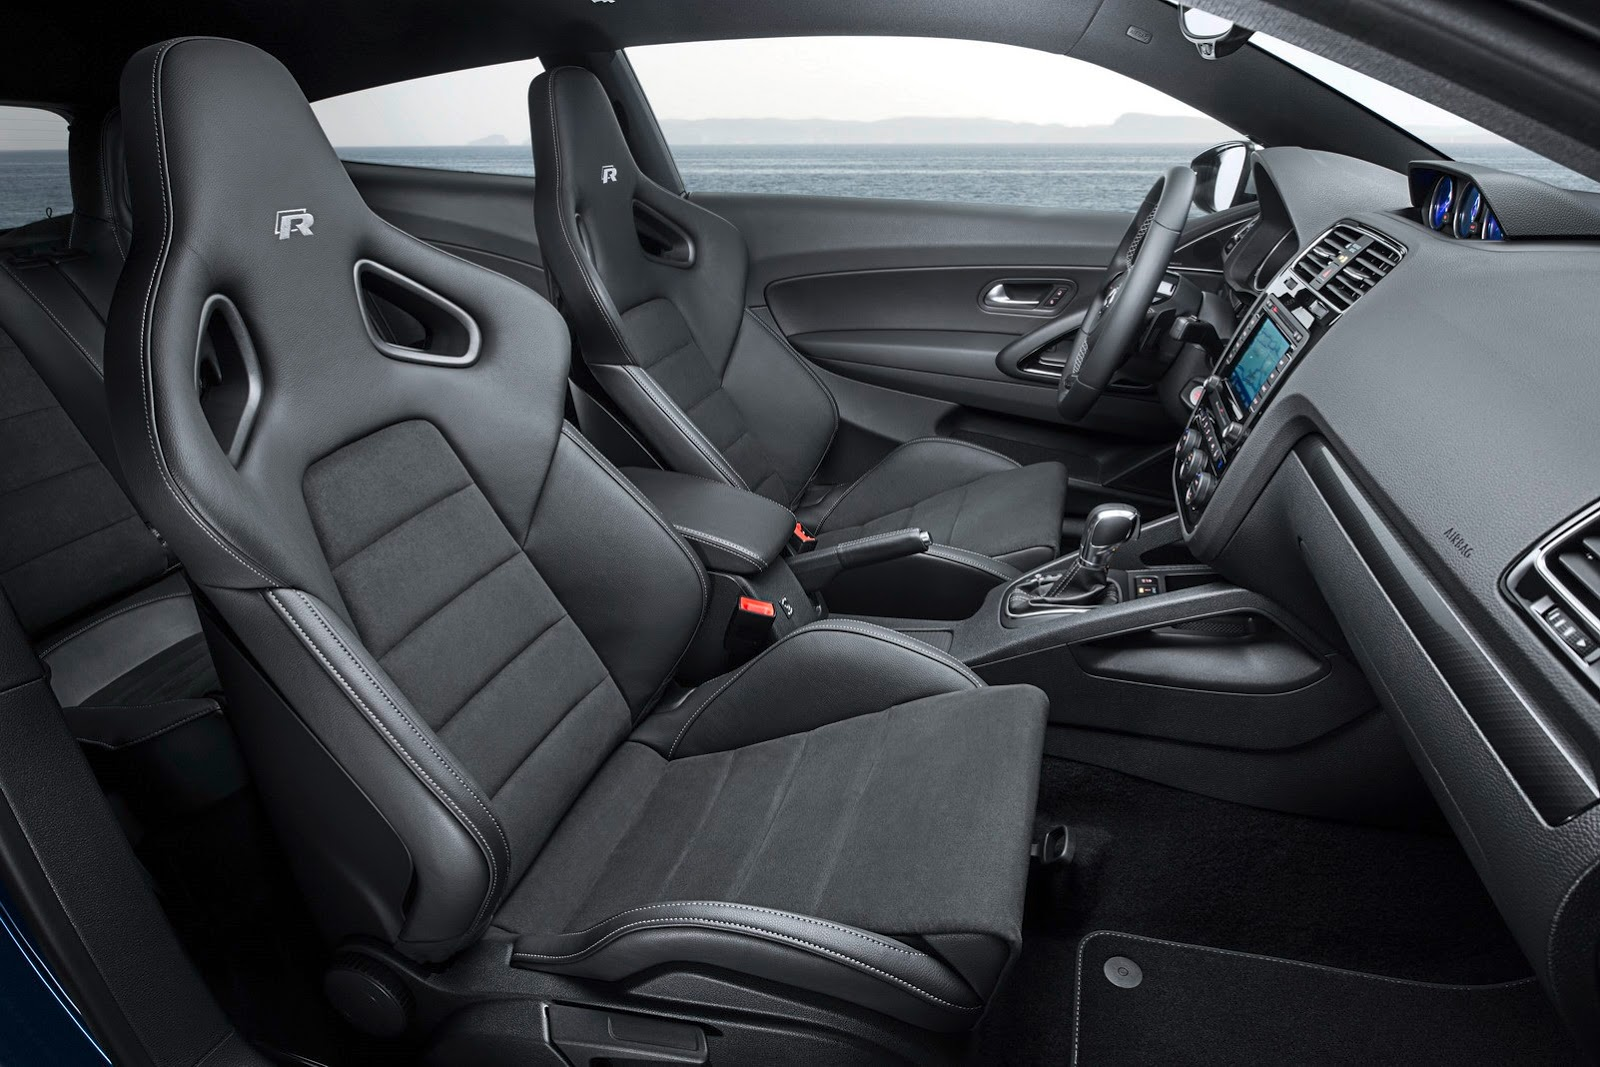 2014 Volkswagen Scirocco R-Line Review - Gallery - Top Speed